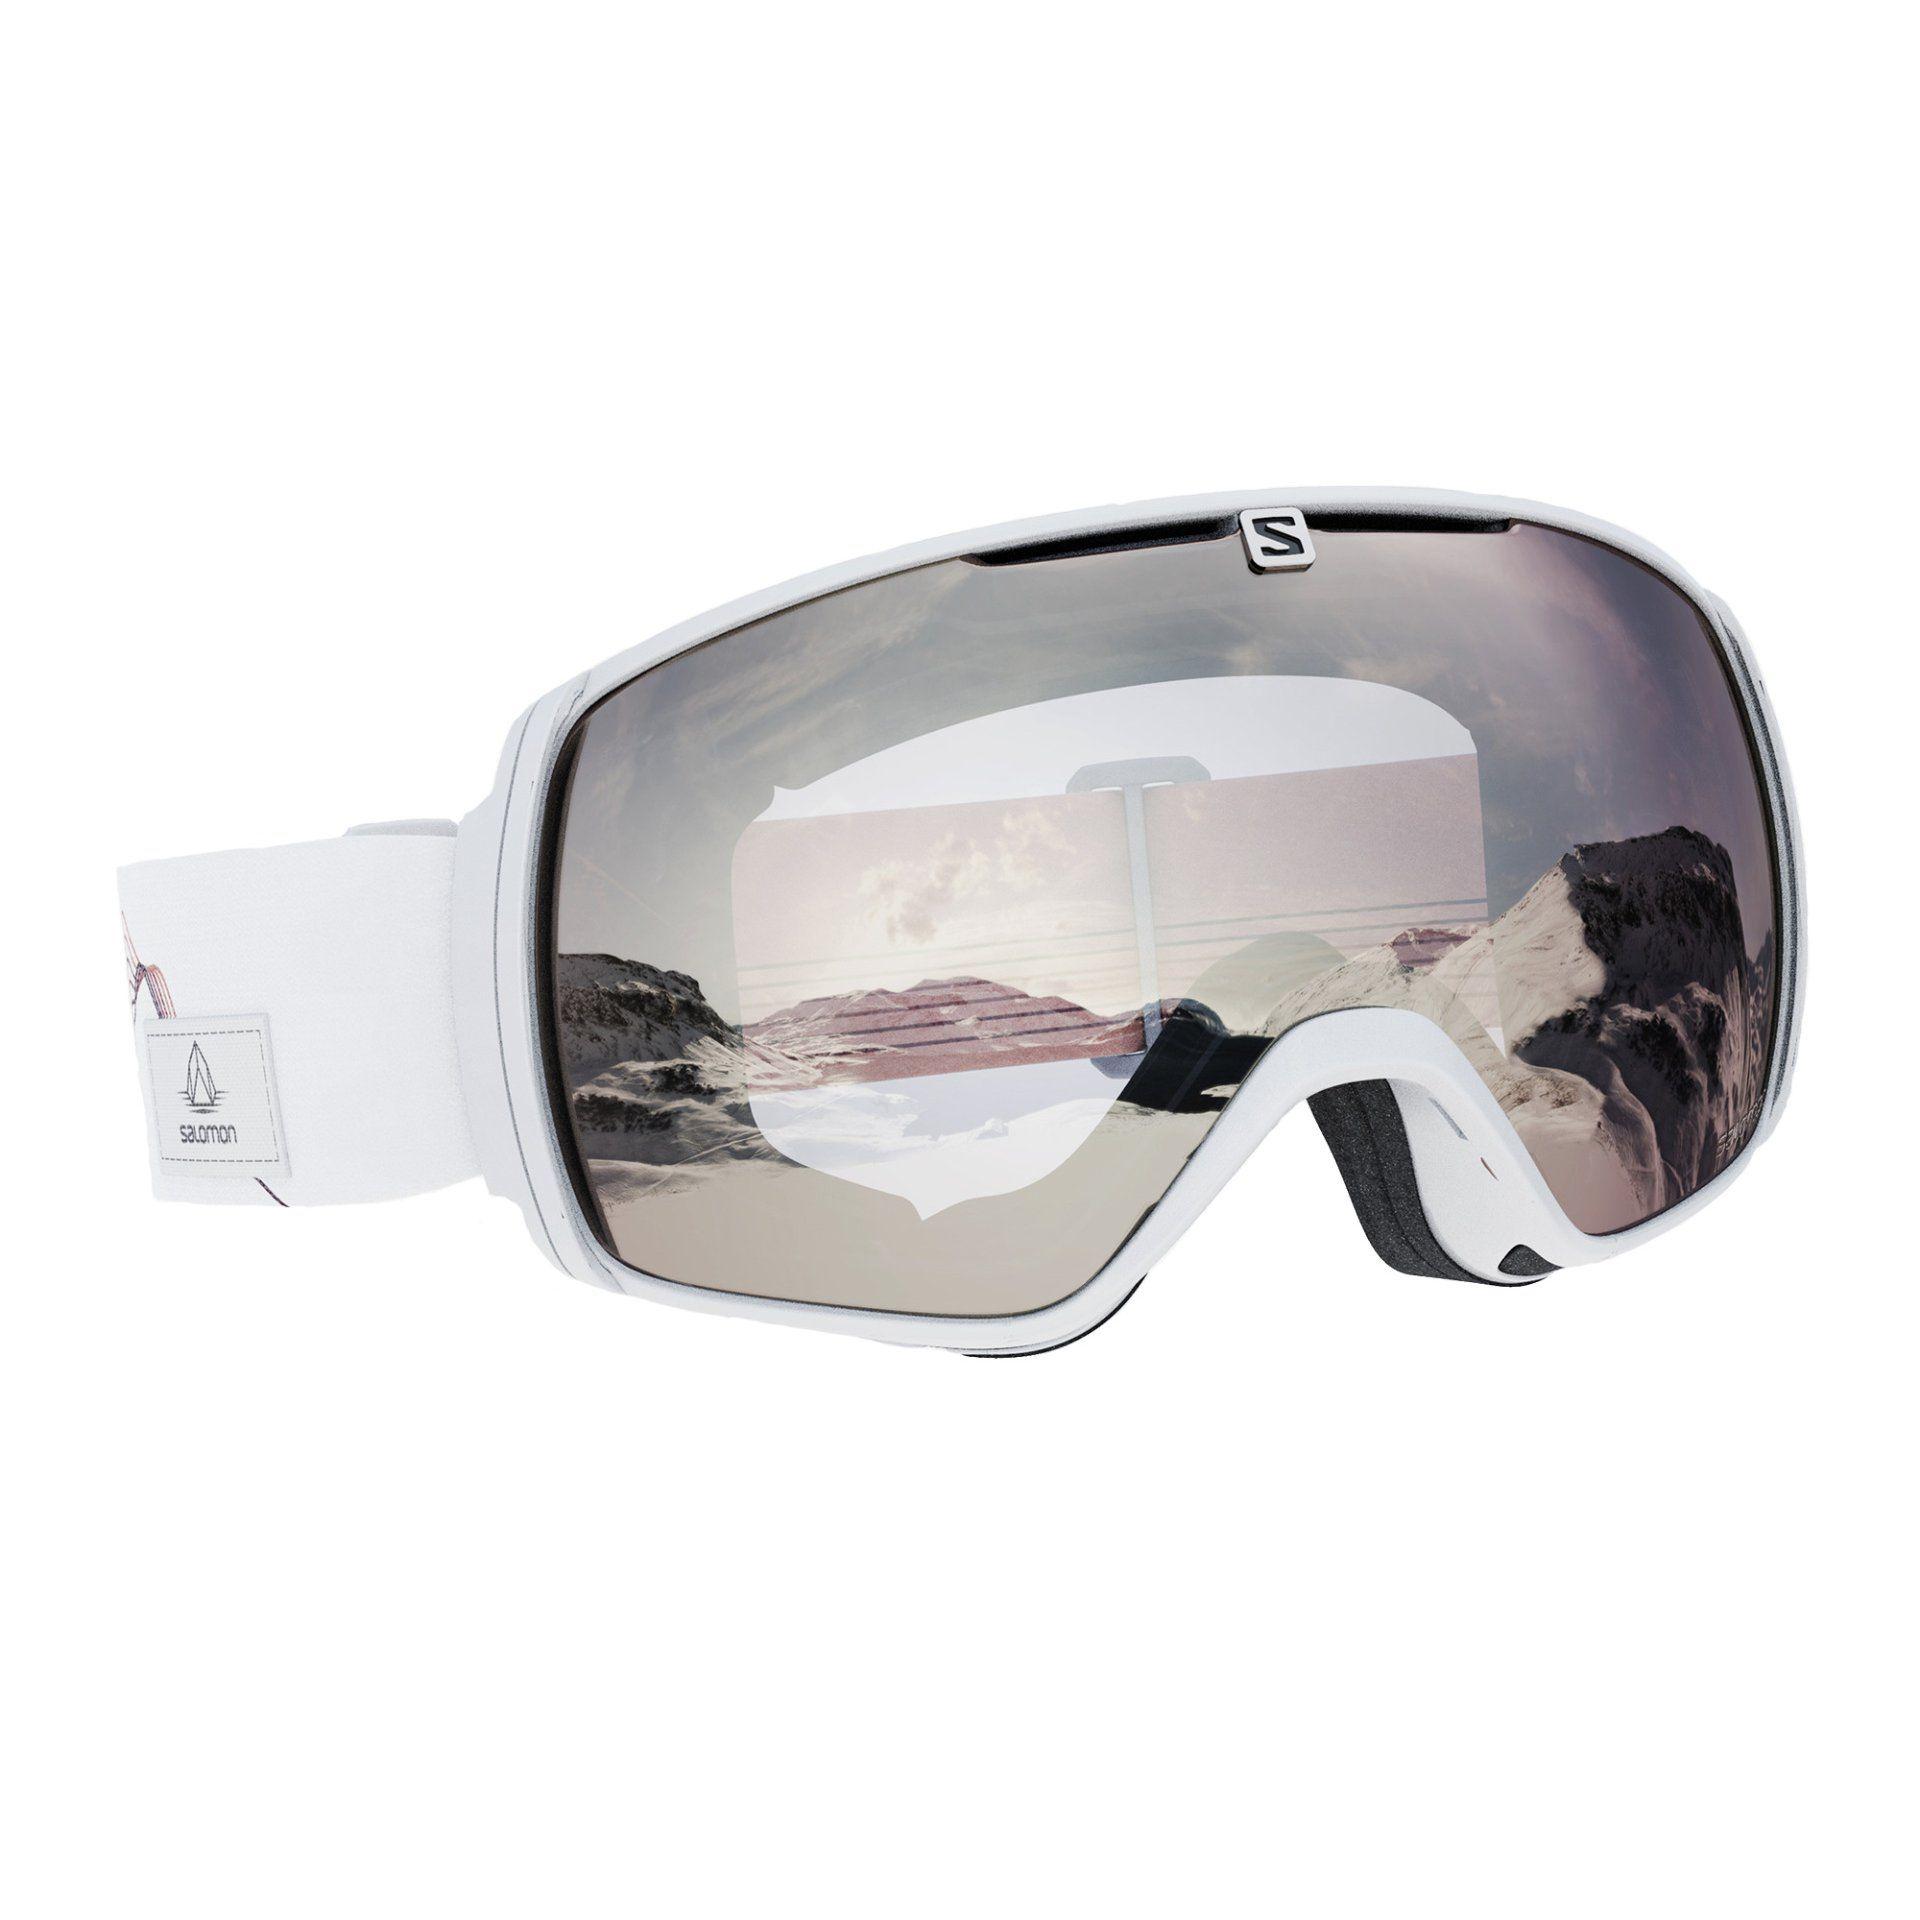 GOGLE SALOMON XT ONE OIL WHITE SUPER WHITE L41150100